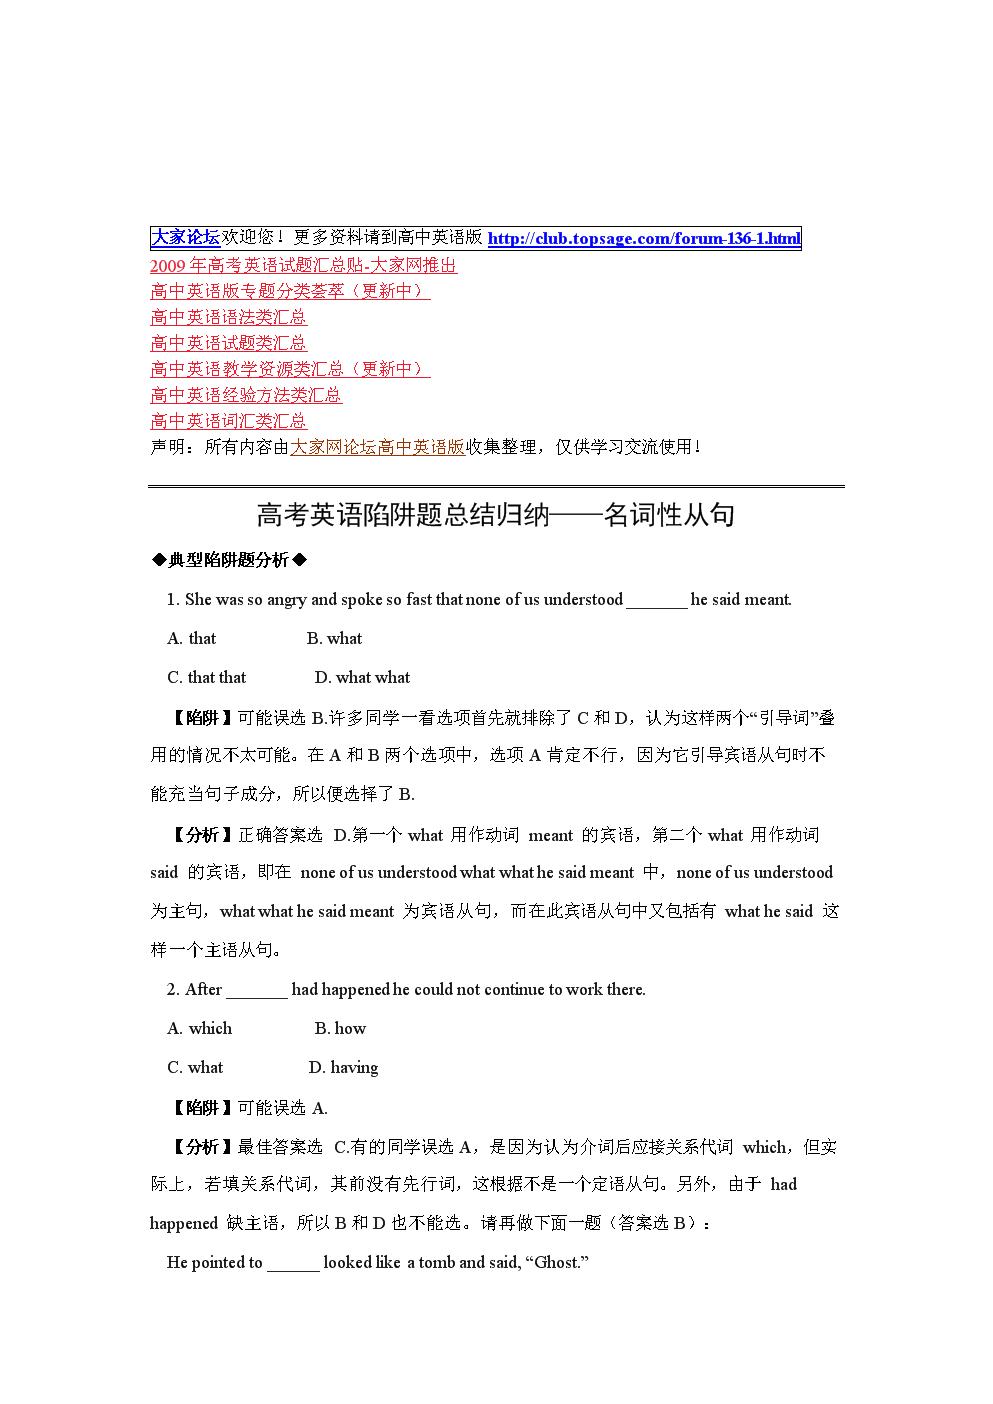 高考英语陷阱题总结归纳——名词性从句(附详解).doc